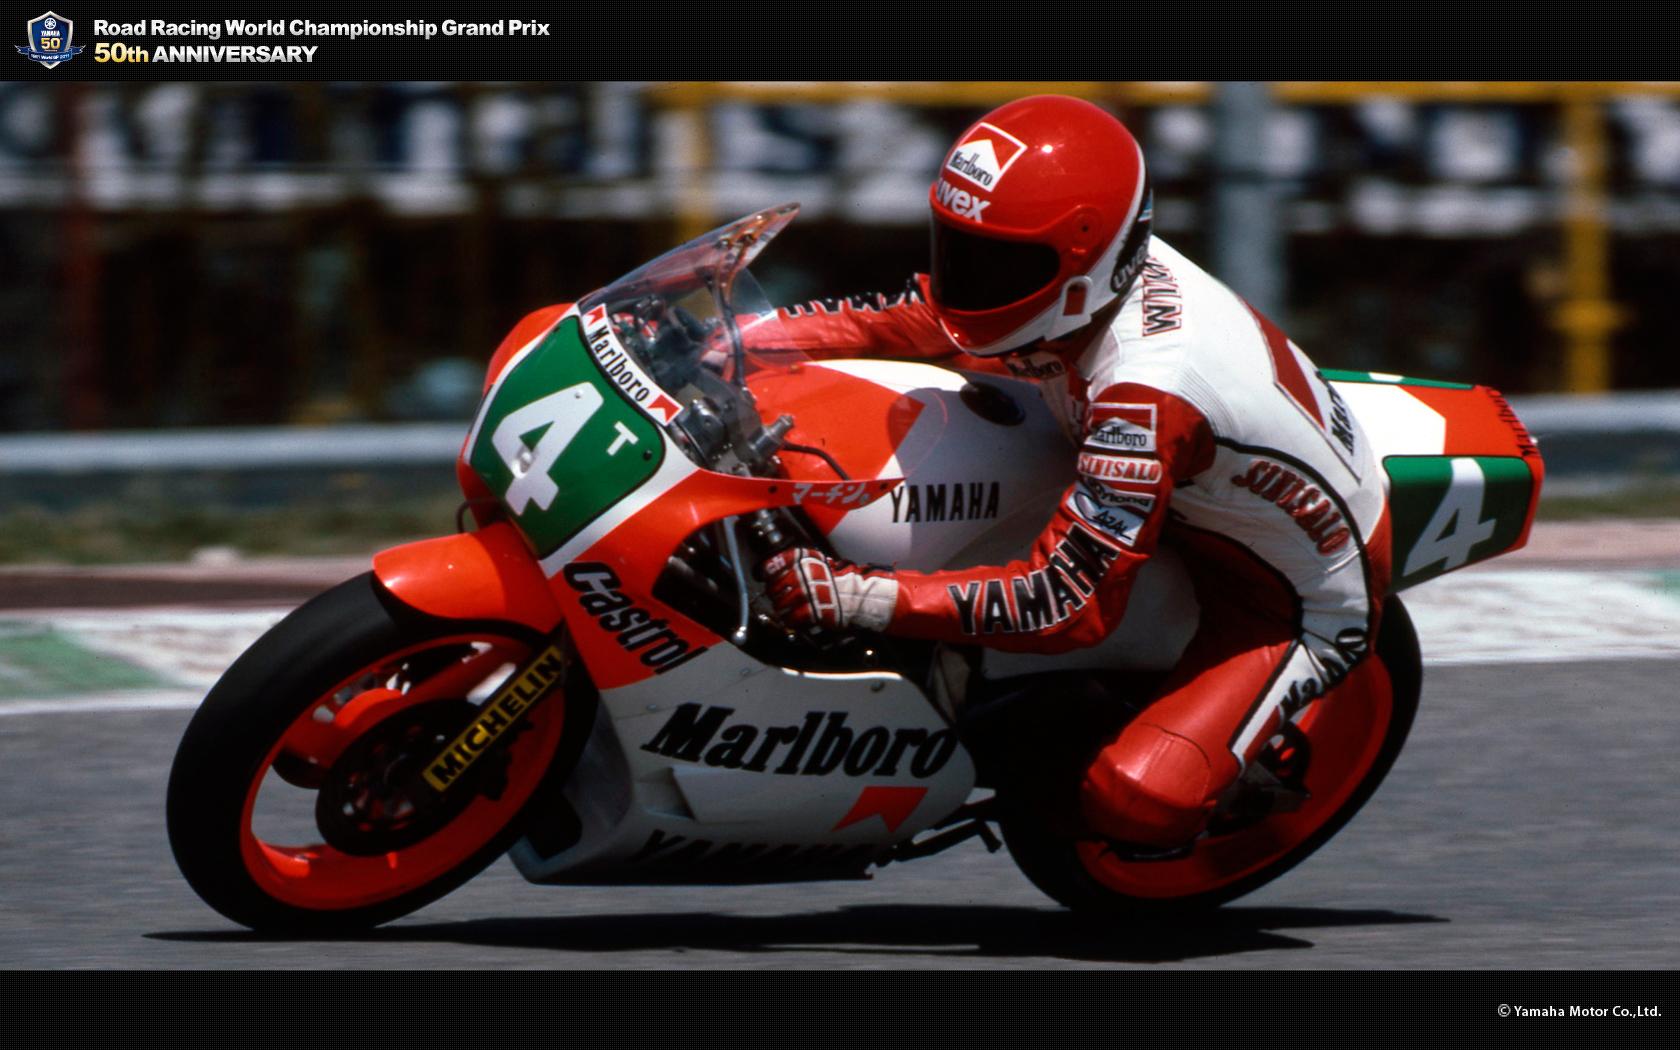 Martin Wimmer Race Yamaha Motor Co Ltd